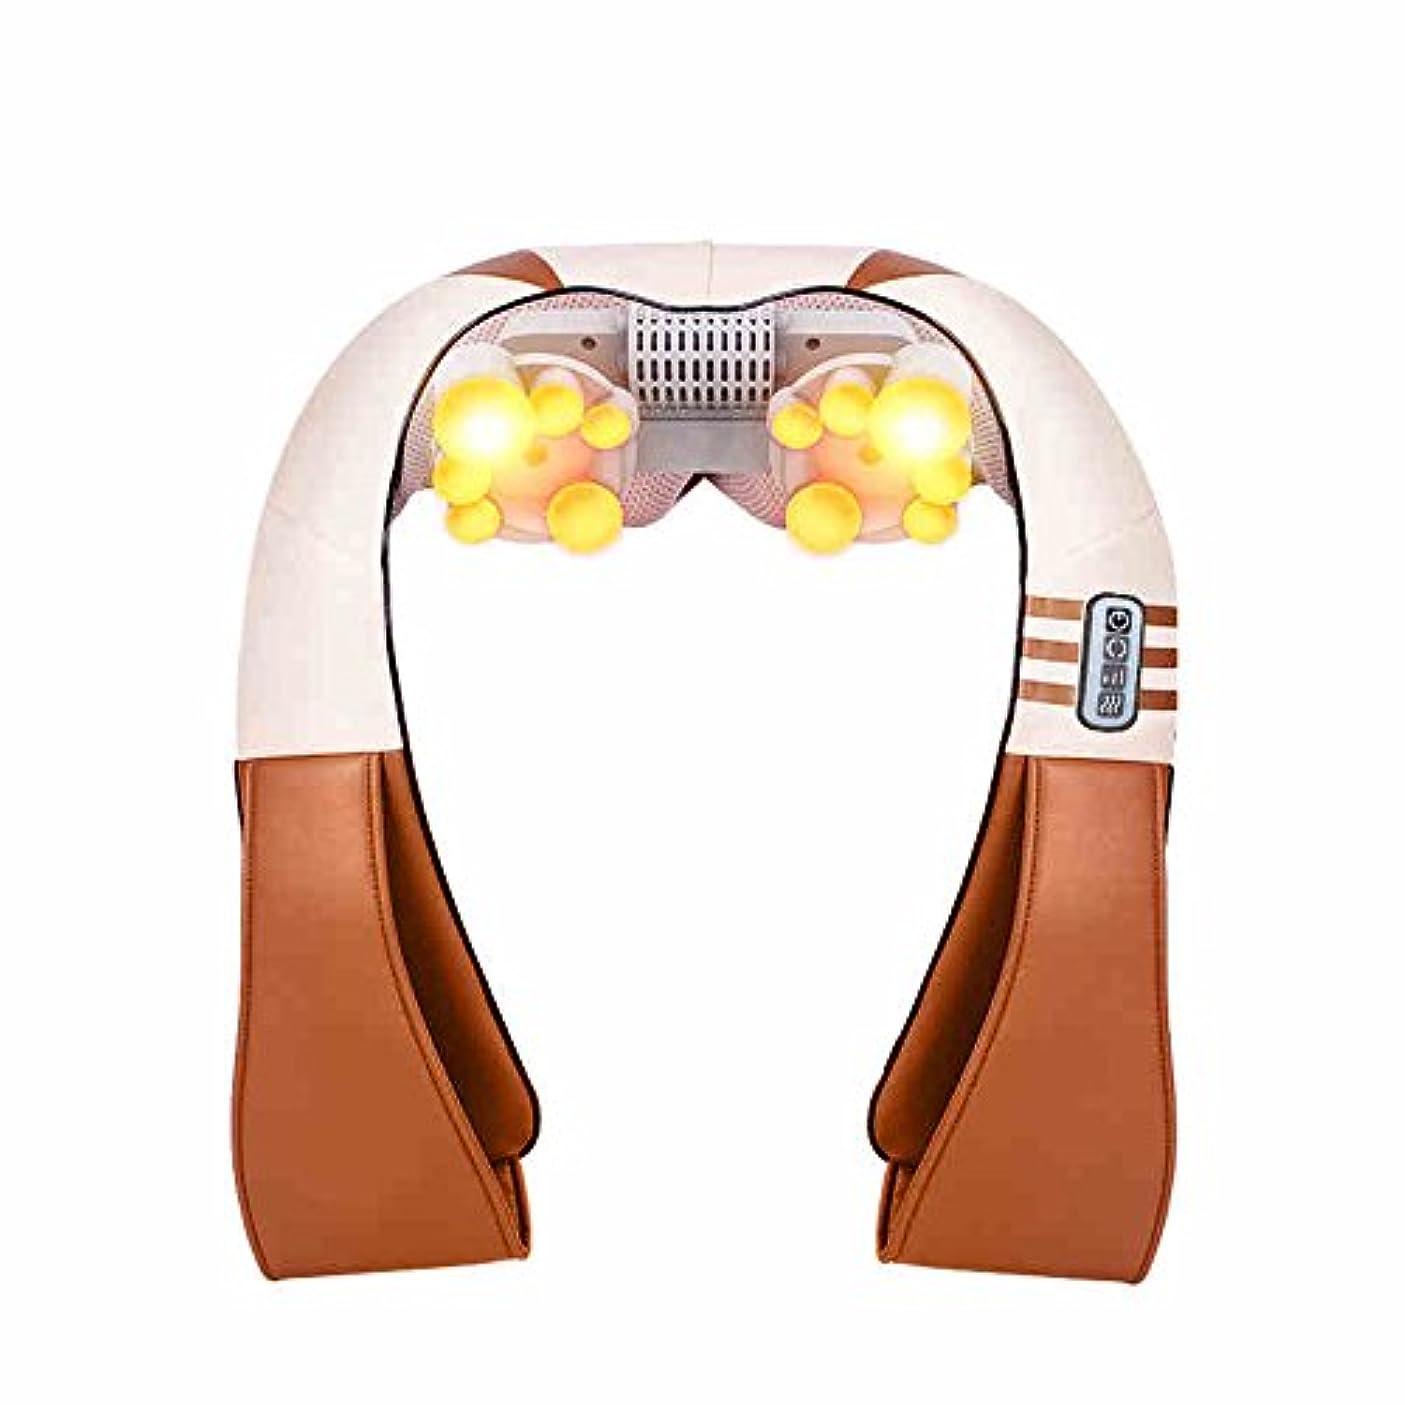 バルコニー毎日段落HAIZHEN マッサージチェア フルボディマッサージ器の電気運動振動指圧の混乱指圧リウマチの痛みを和らげる頭の血液循環を促進する